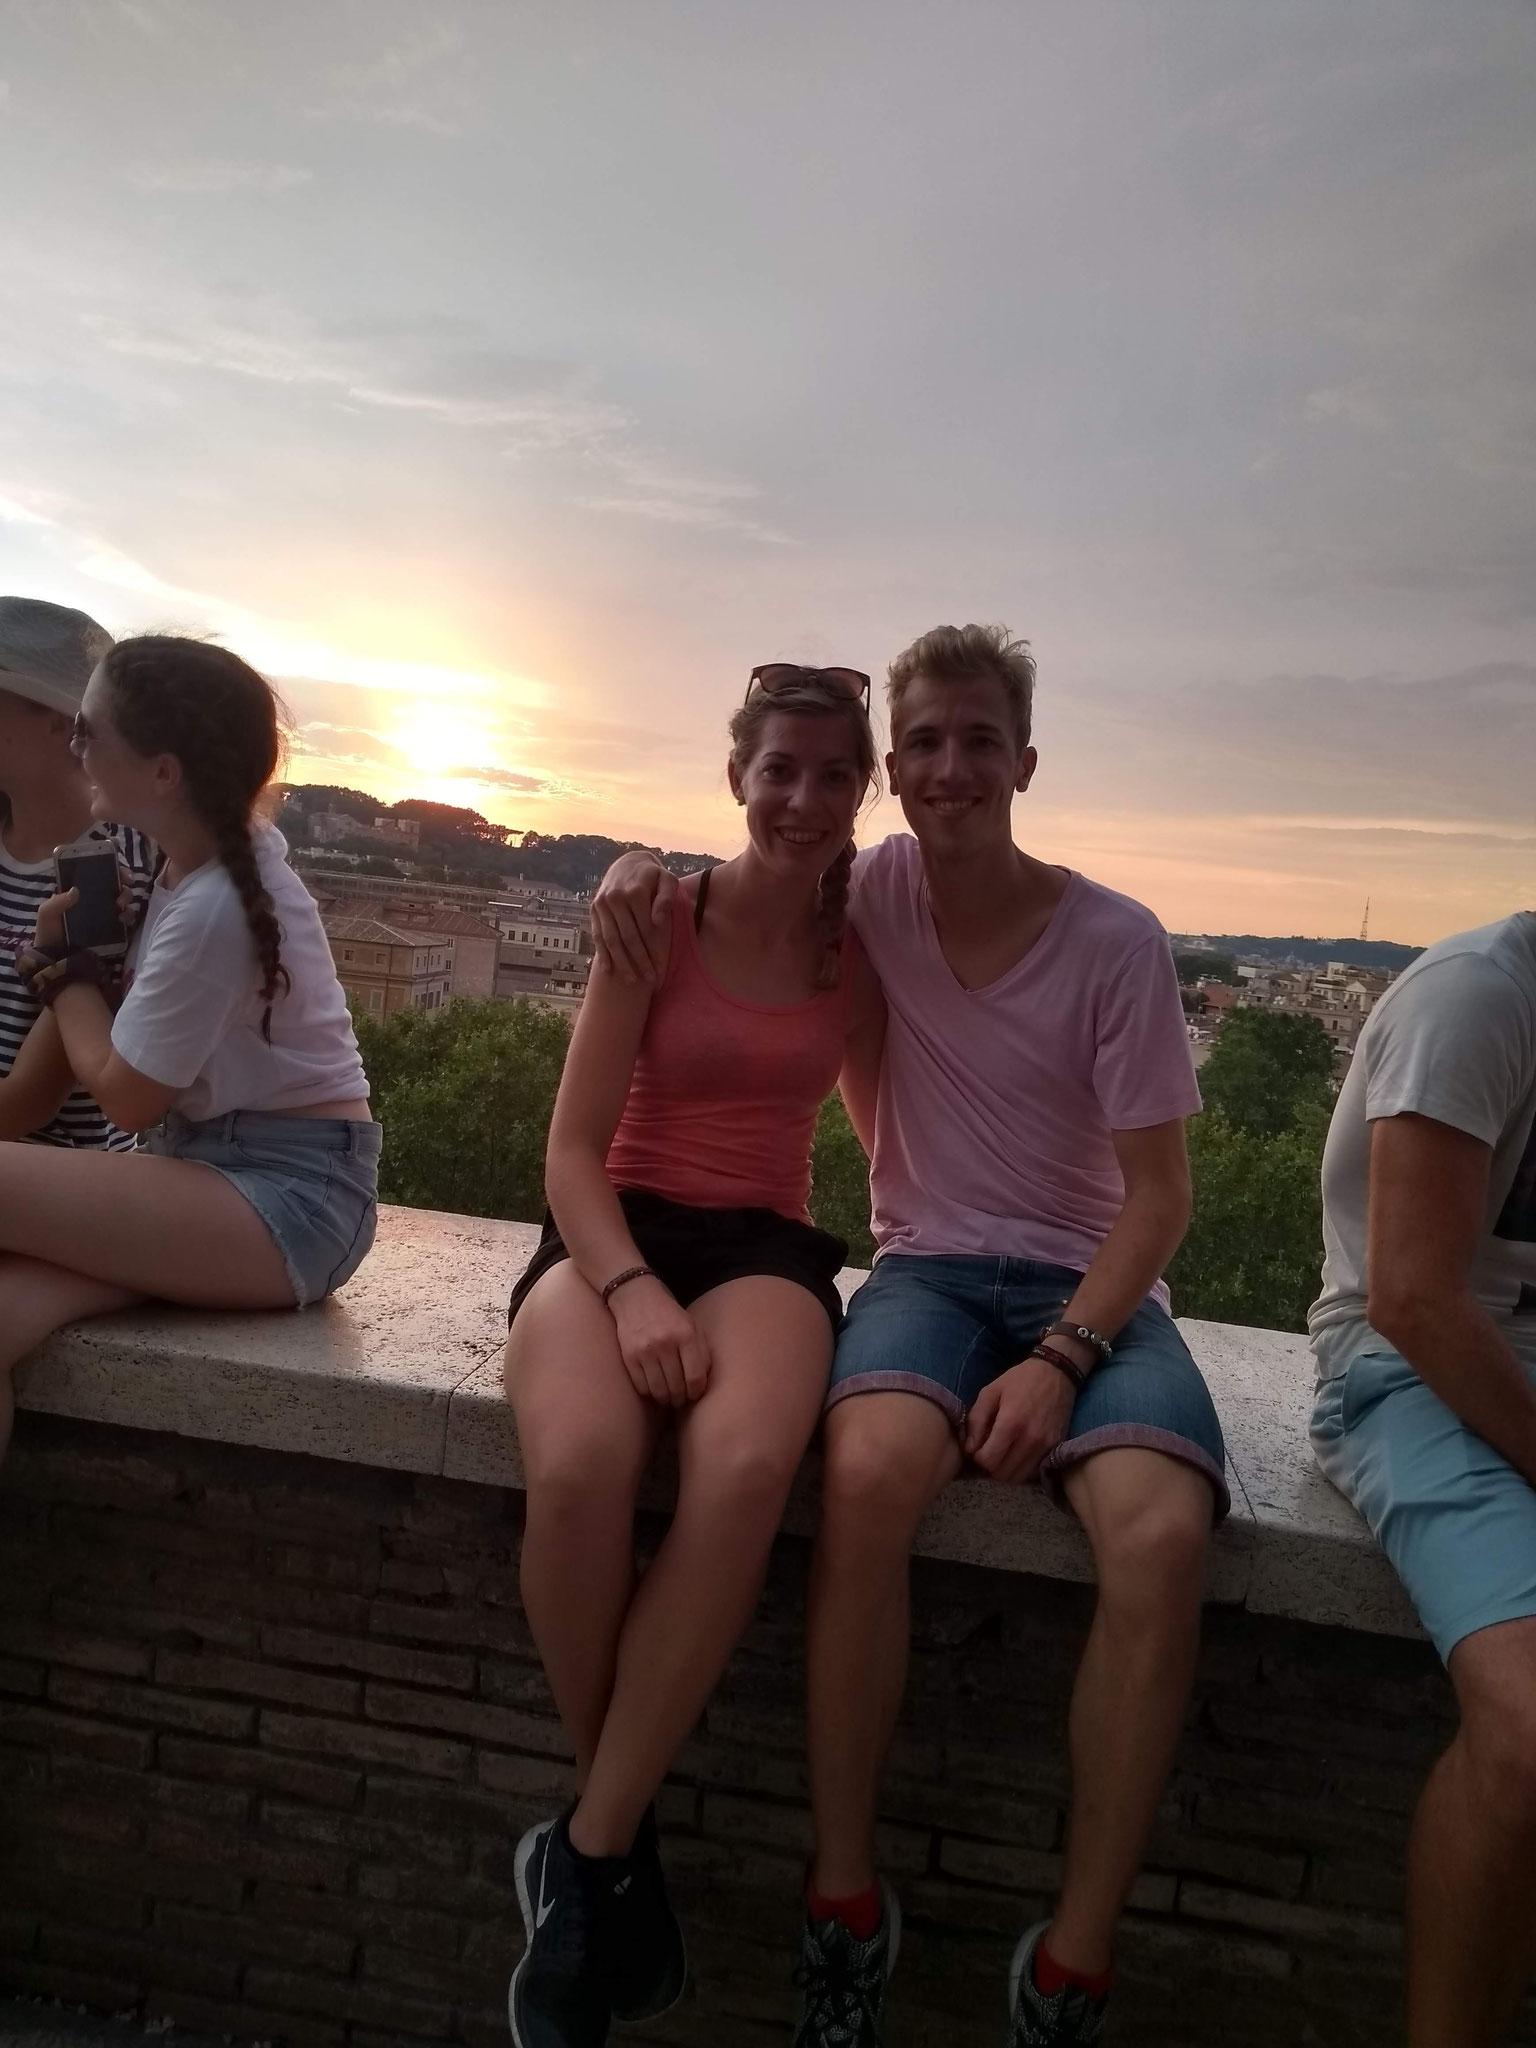 Auf dem Aventin mit Blick auf Rom